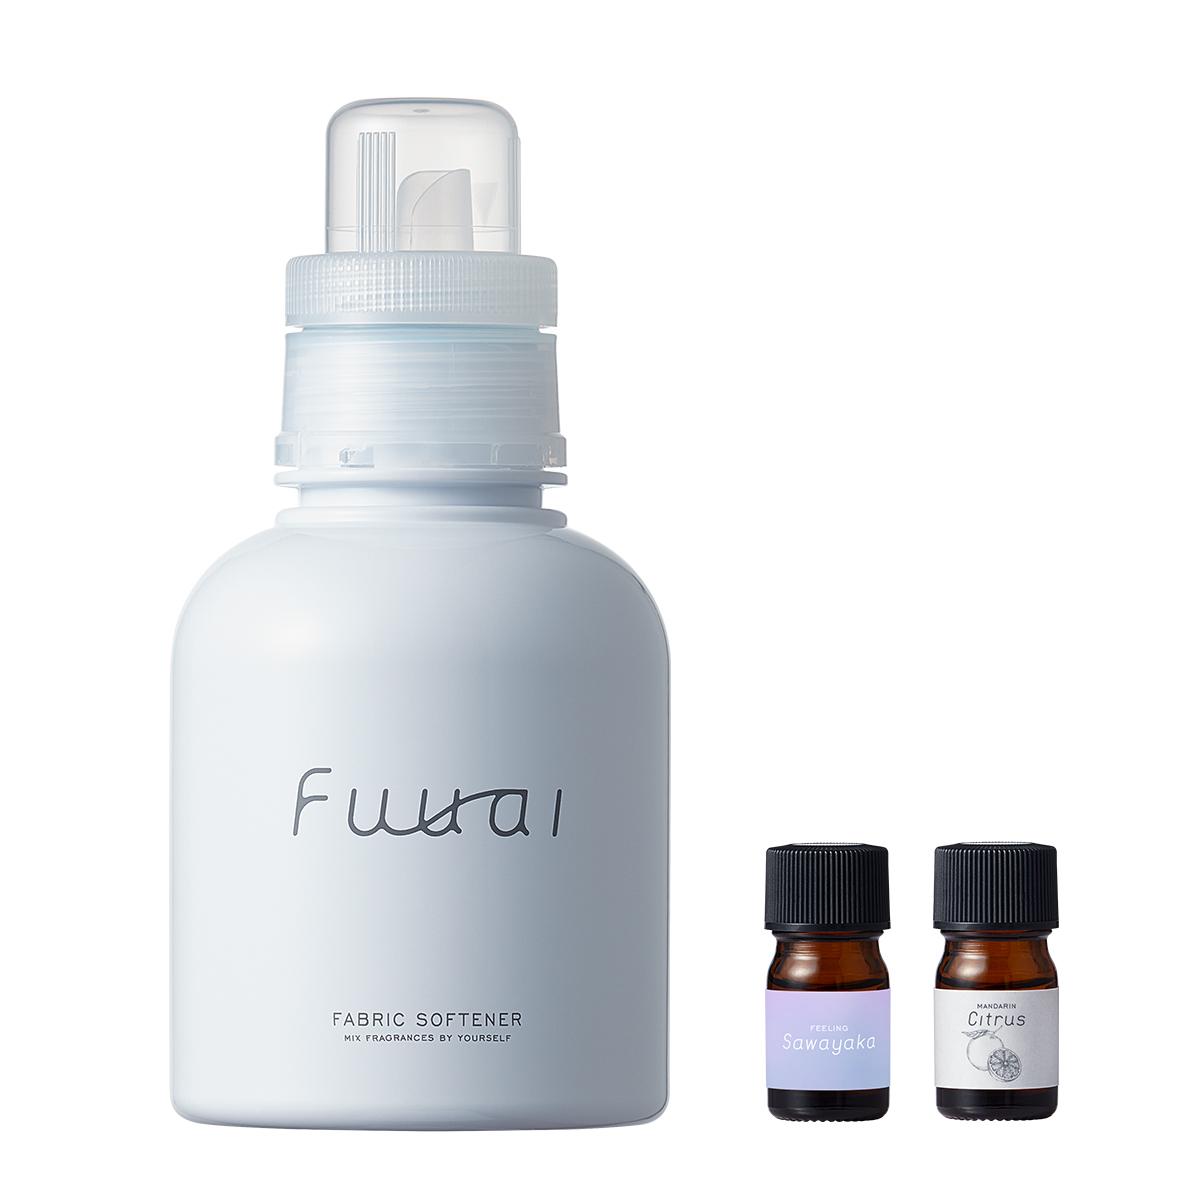 Fuuai(フウアイ)『自分だけの香りを手づくりできる柔軟剤 Sawayaka×Citrus』をレポ!に関する画像4